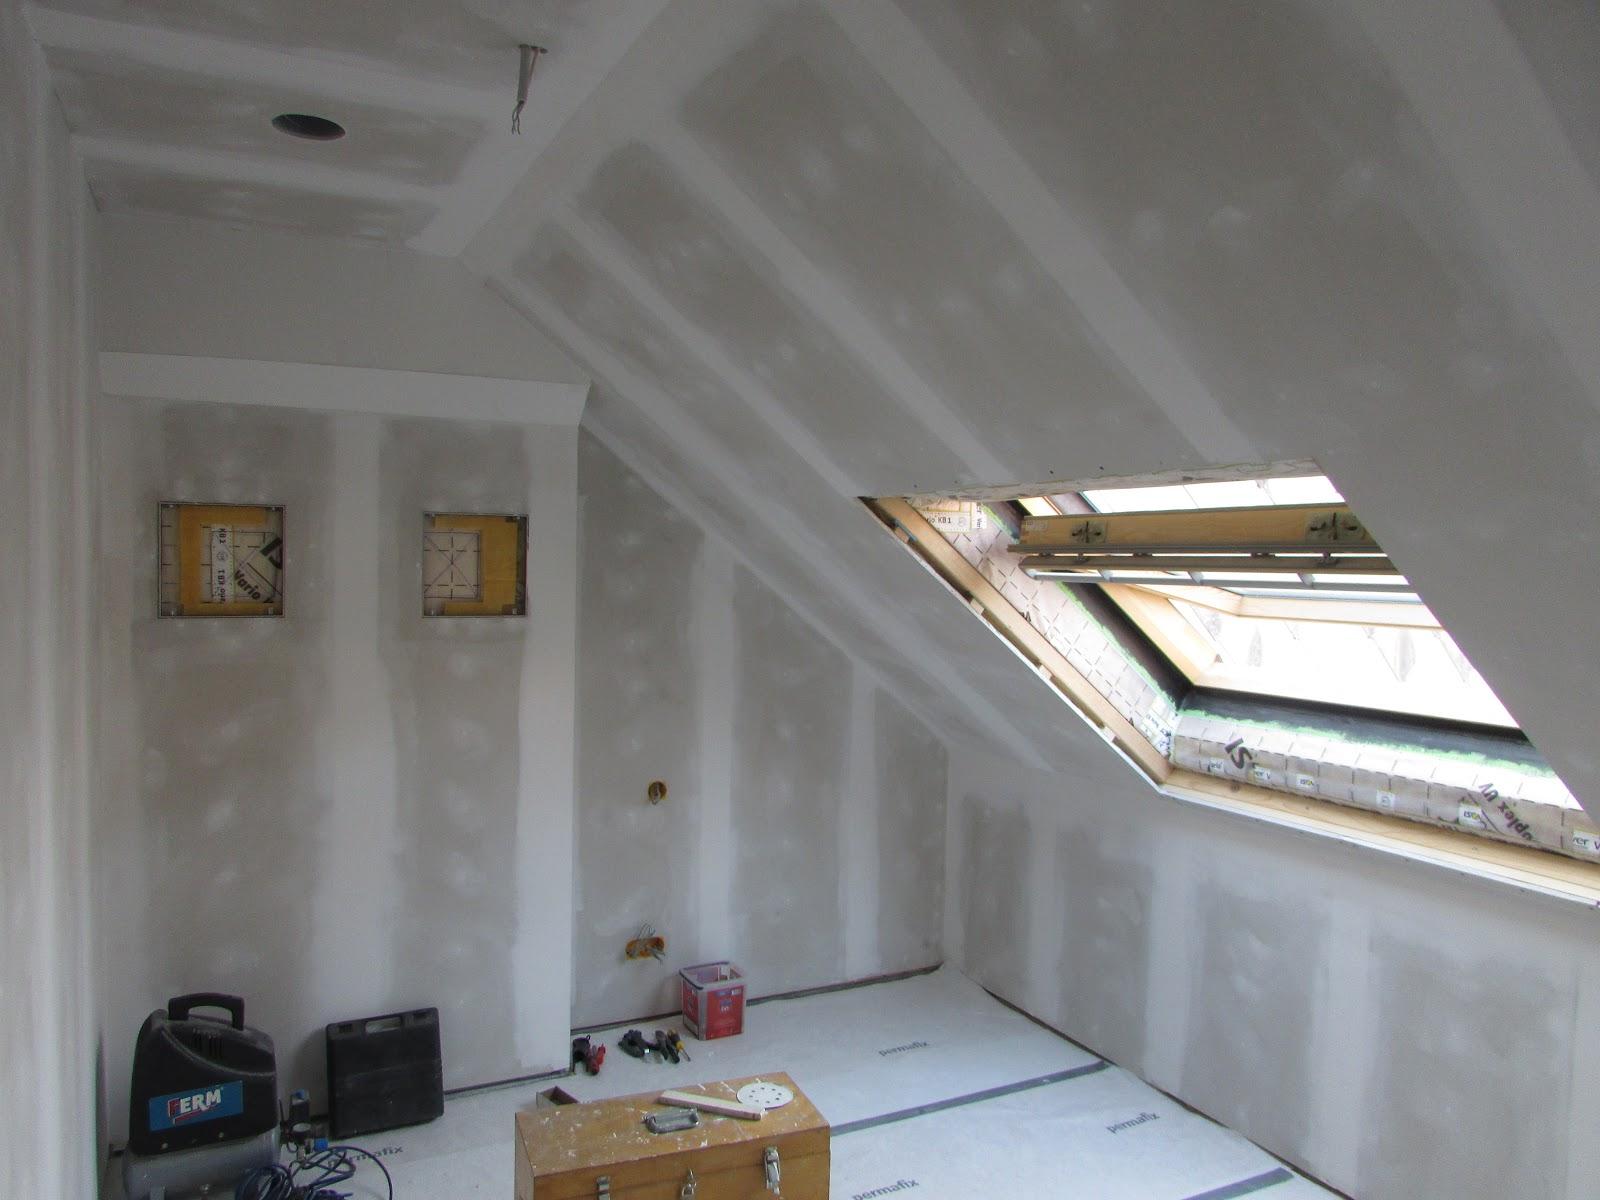 Kinderkamers Op Zolder : Verbouwing van ons ouderlijk huis: september 2017